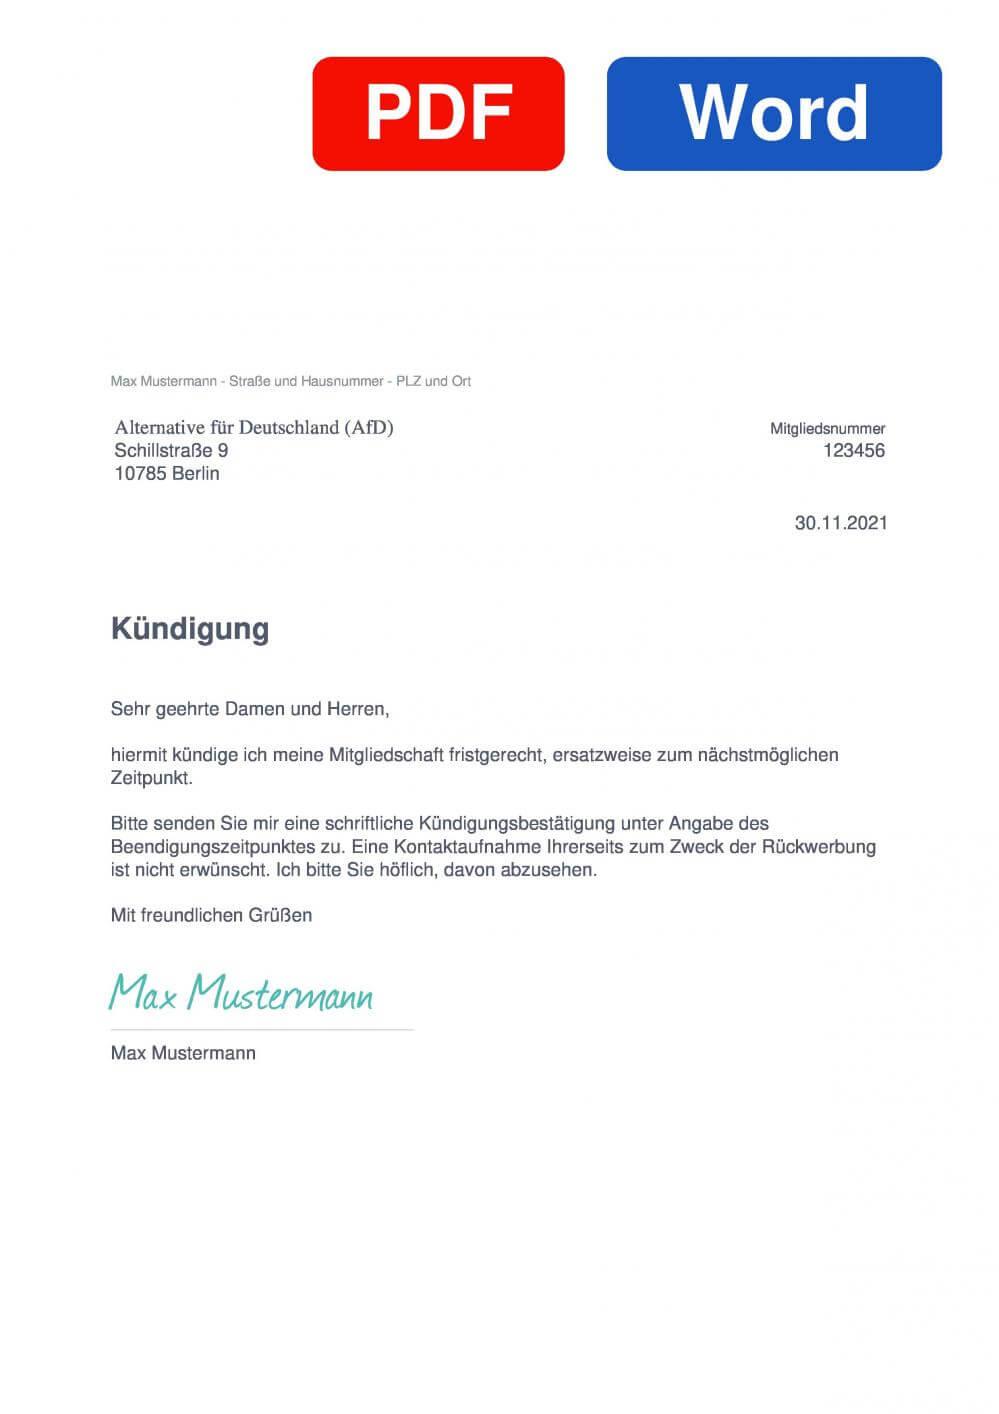 AfD Muster Vorlage für Kündigungsschreiben